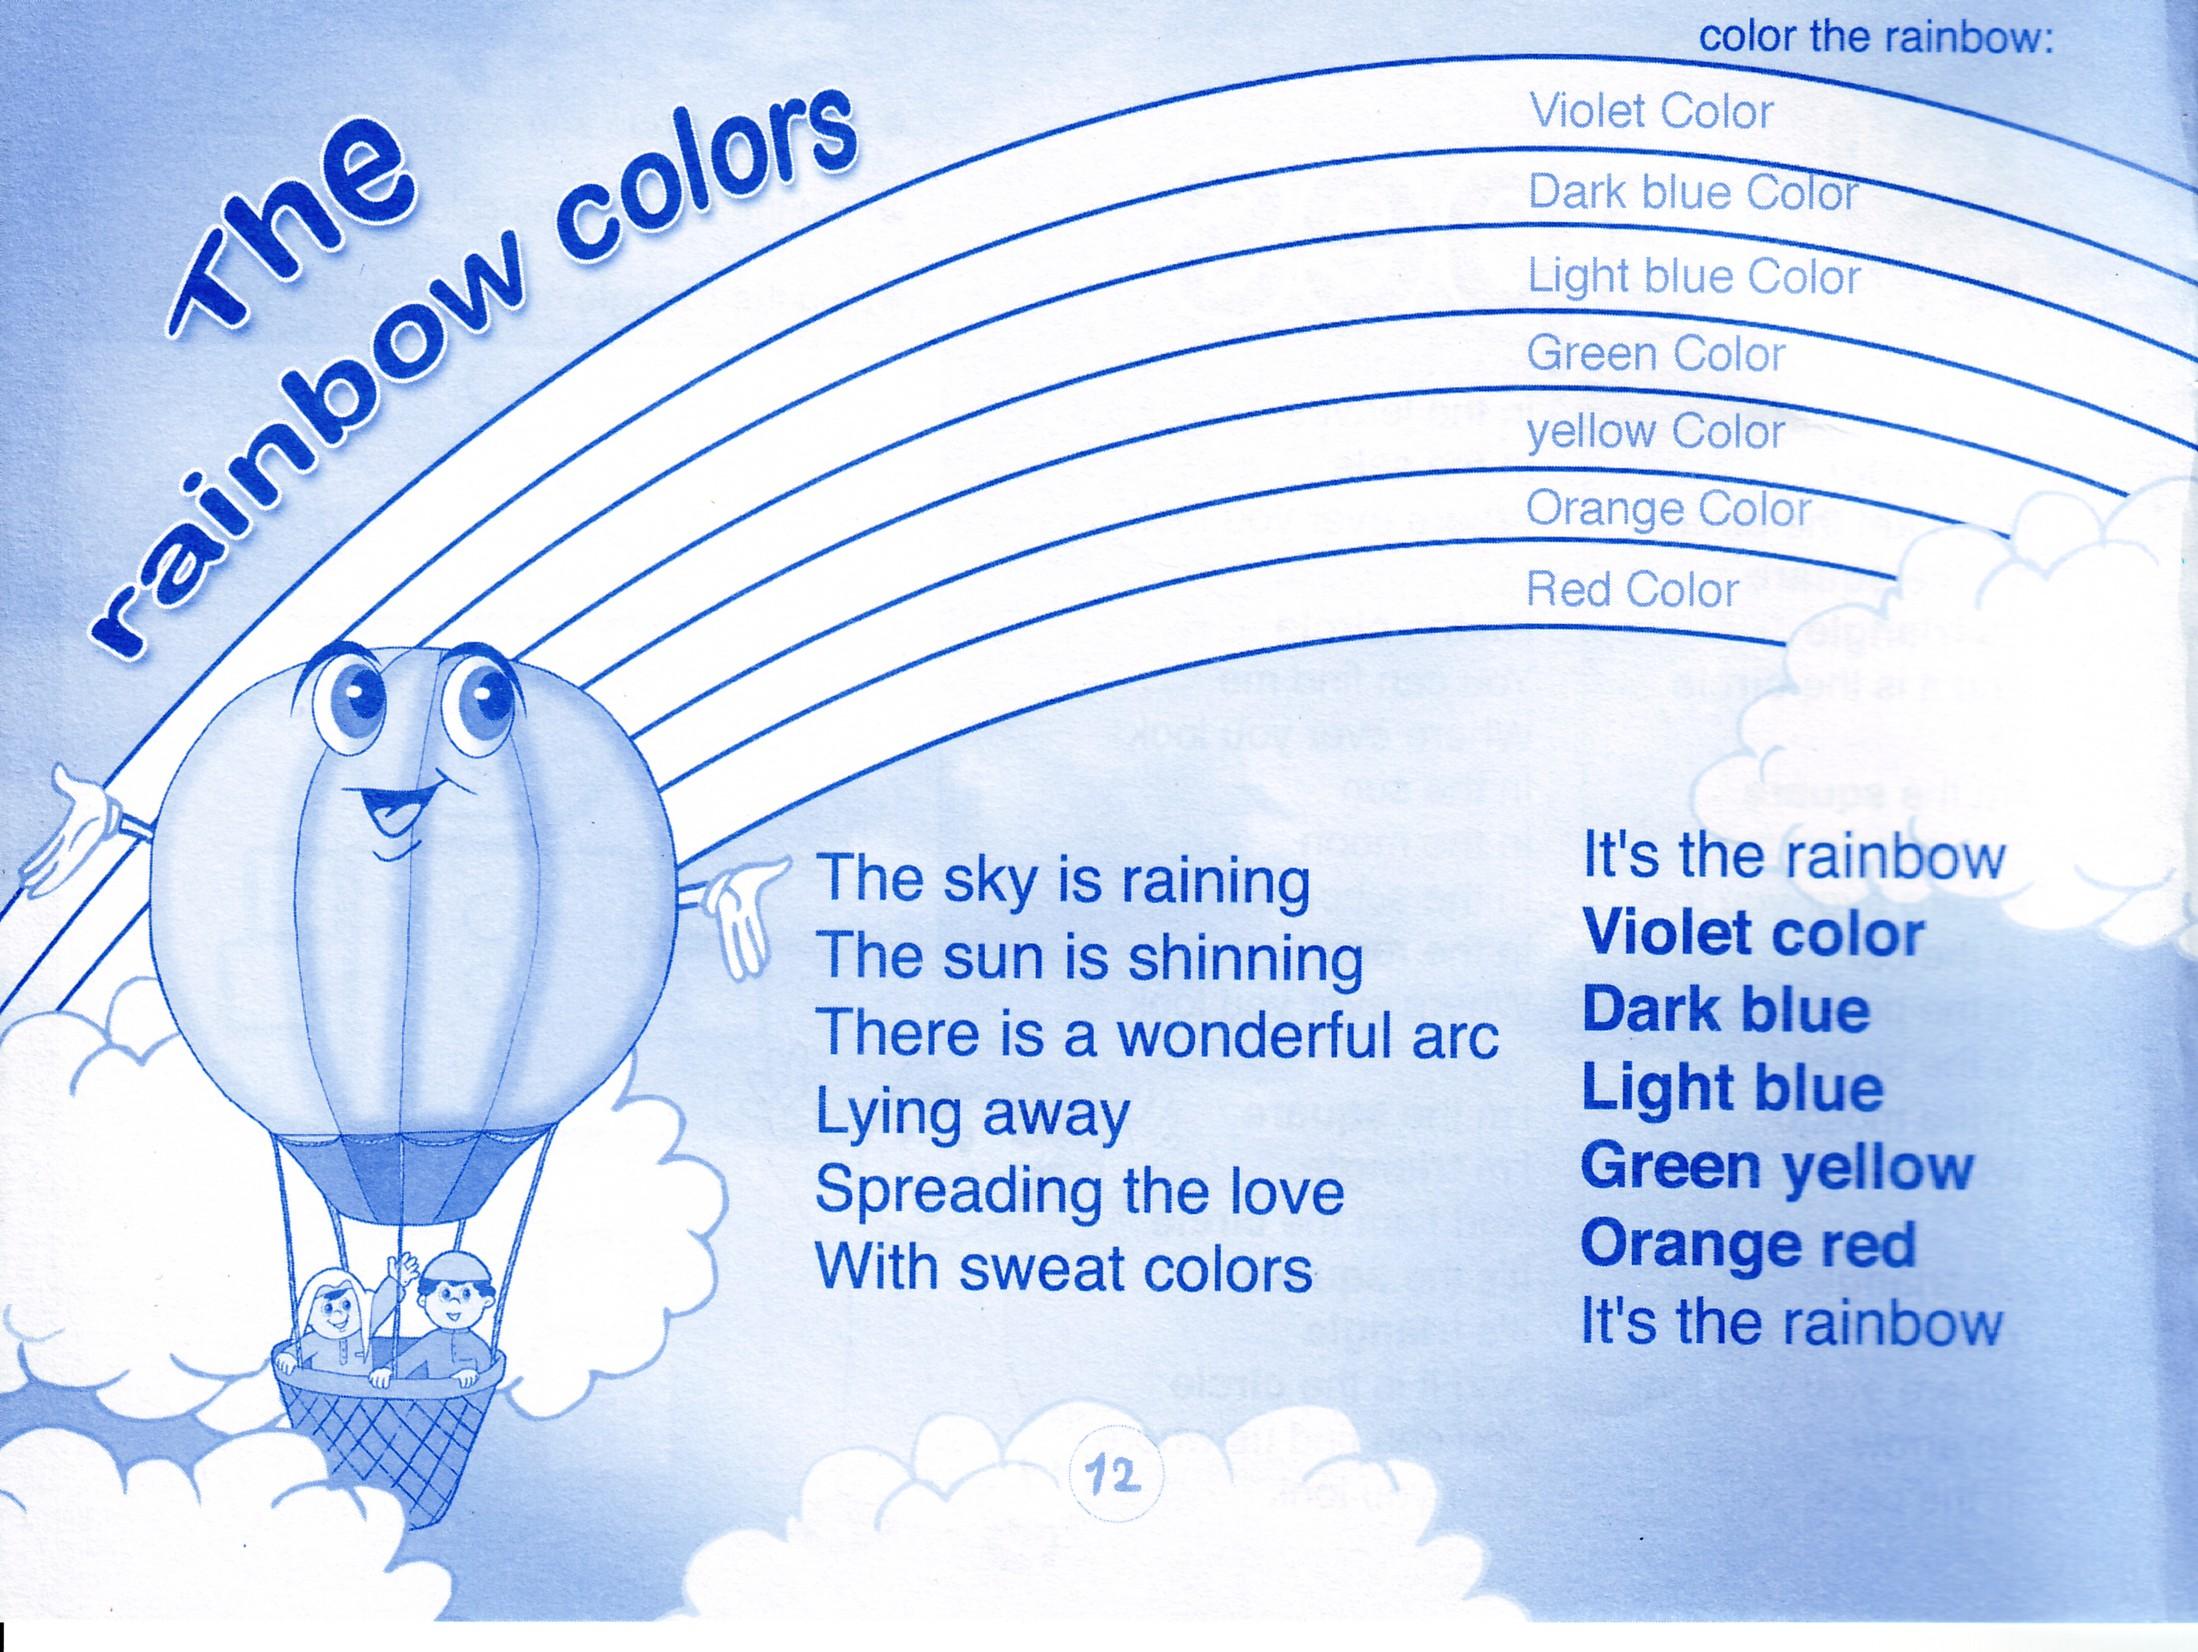 أناشيد باللغة الأنجليزية تعليمية - English songs for kids .. للأطفال 1234_01200090608